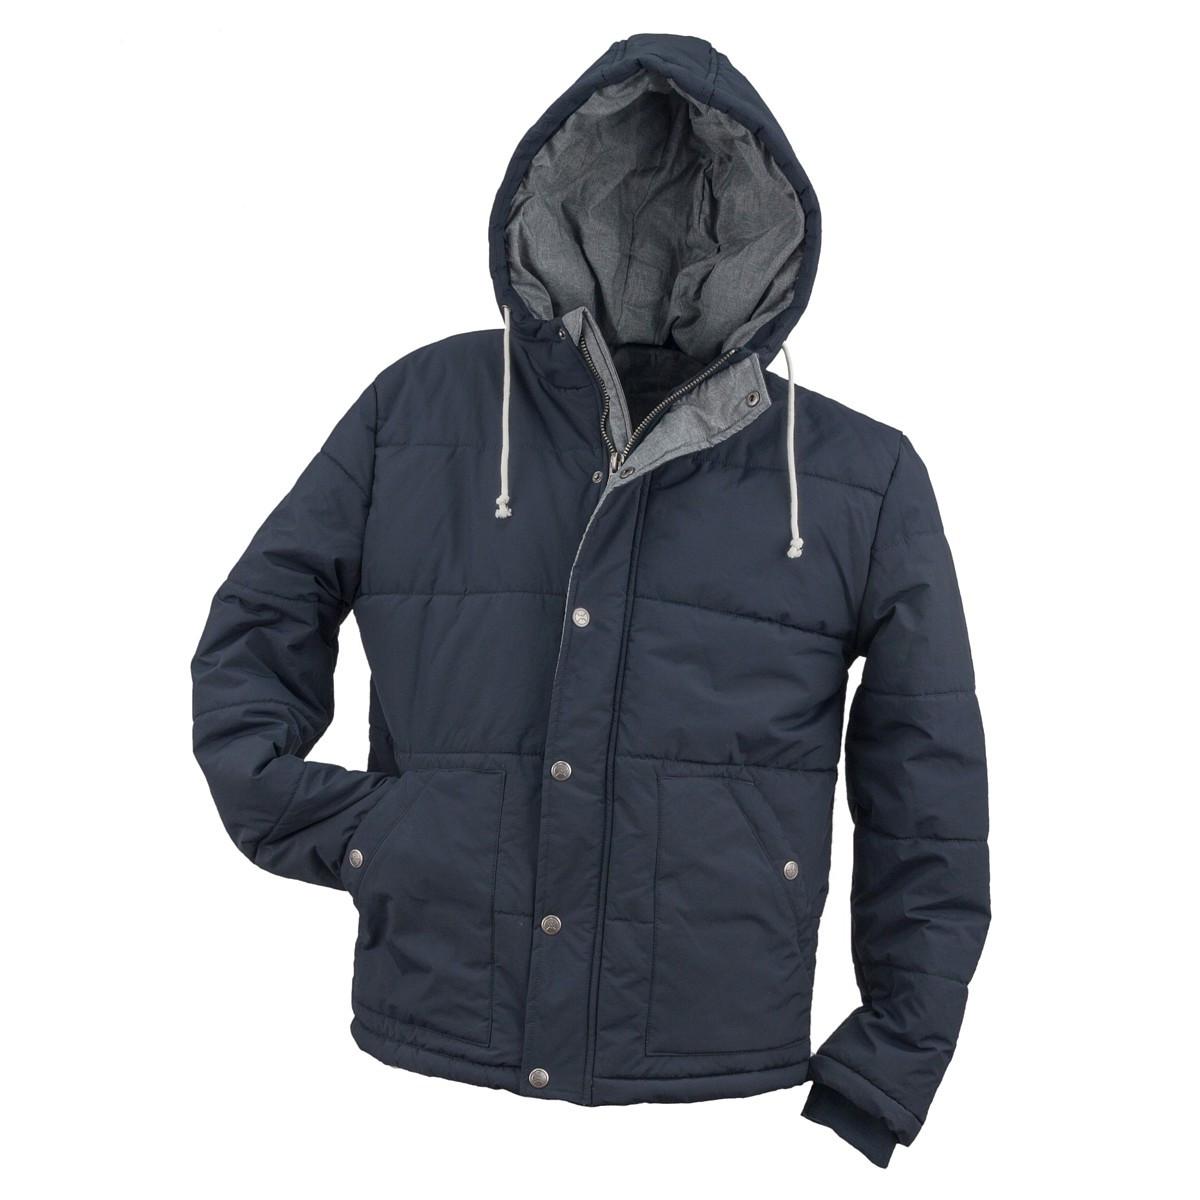 Куртка рабочая URG-0142 из 100% полиэстера (размер 48 ). Urgent